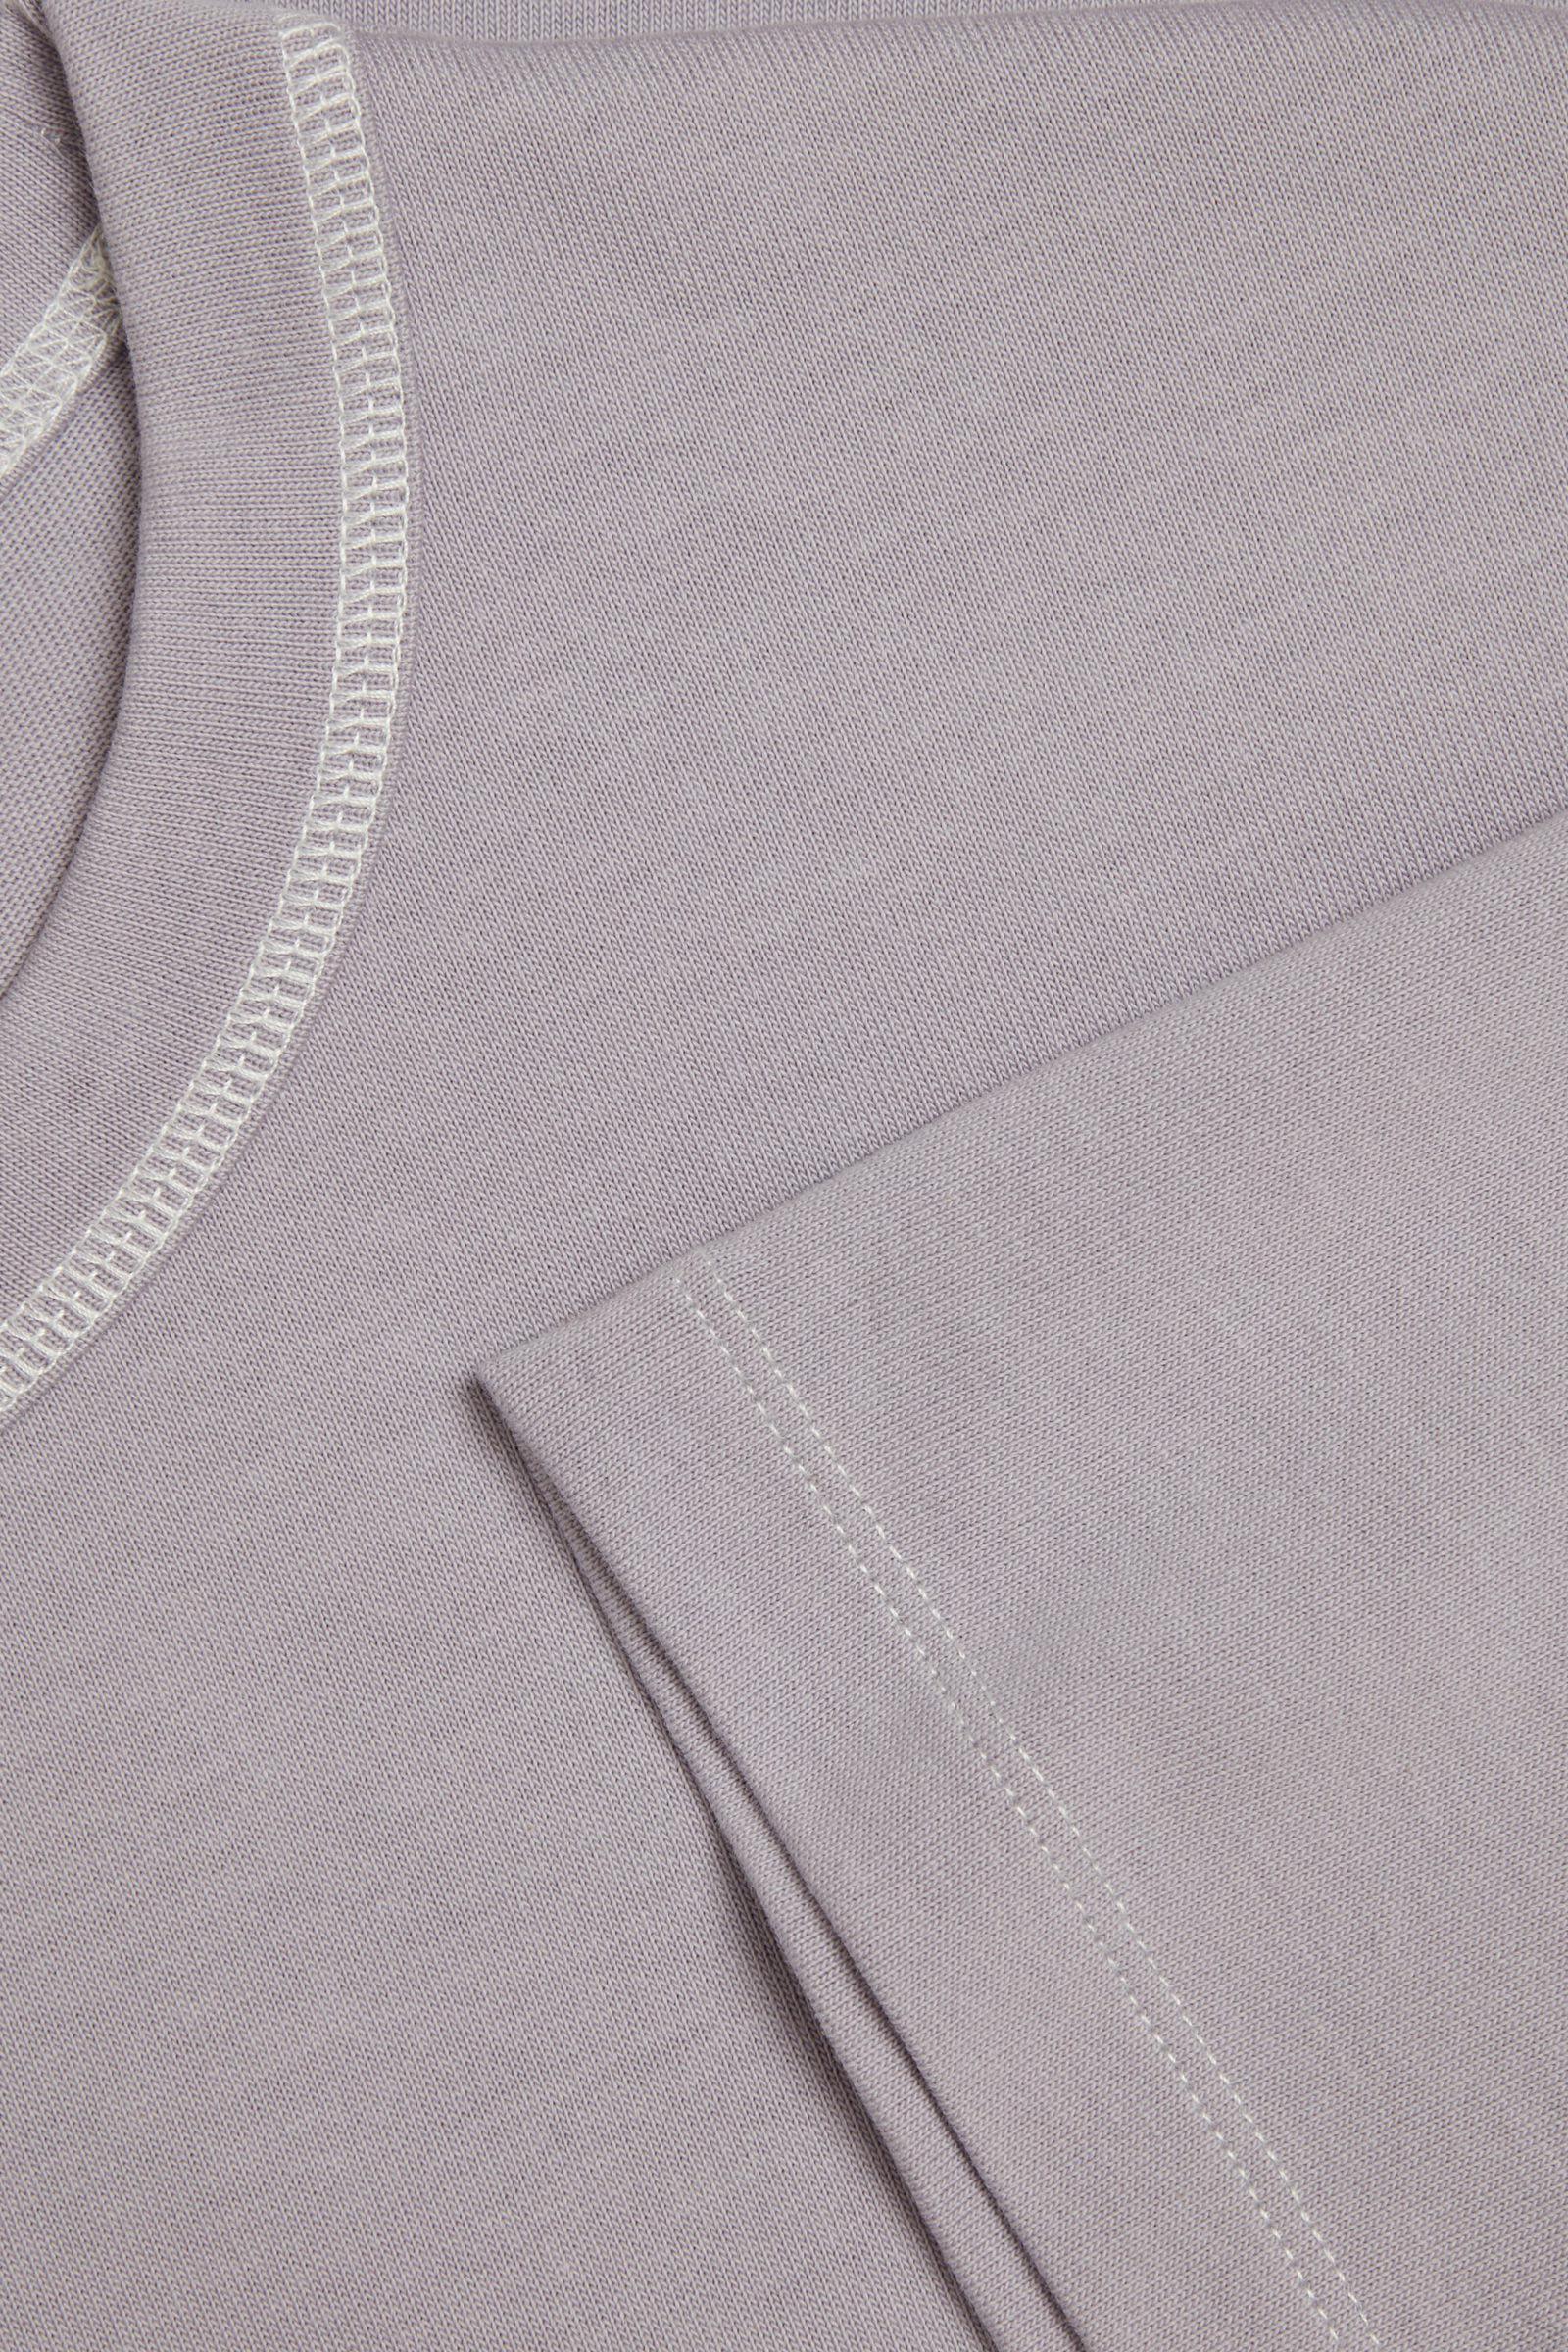 COS 롱 코튼 티셔츠의 라이트 라일락컬러 Detail입니다.